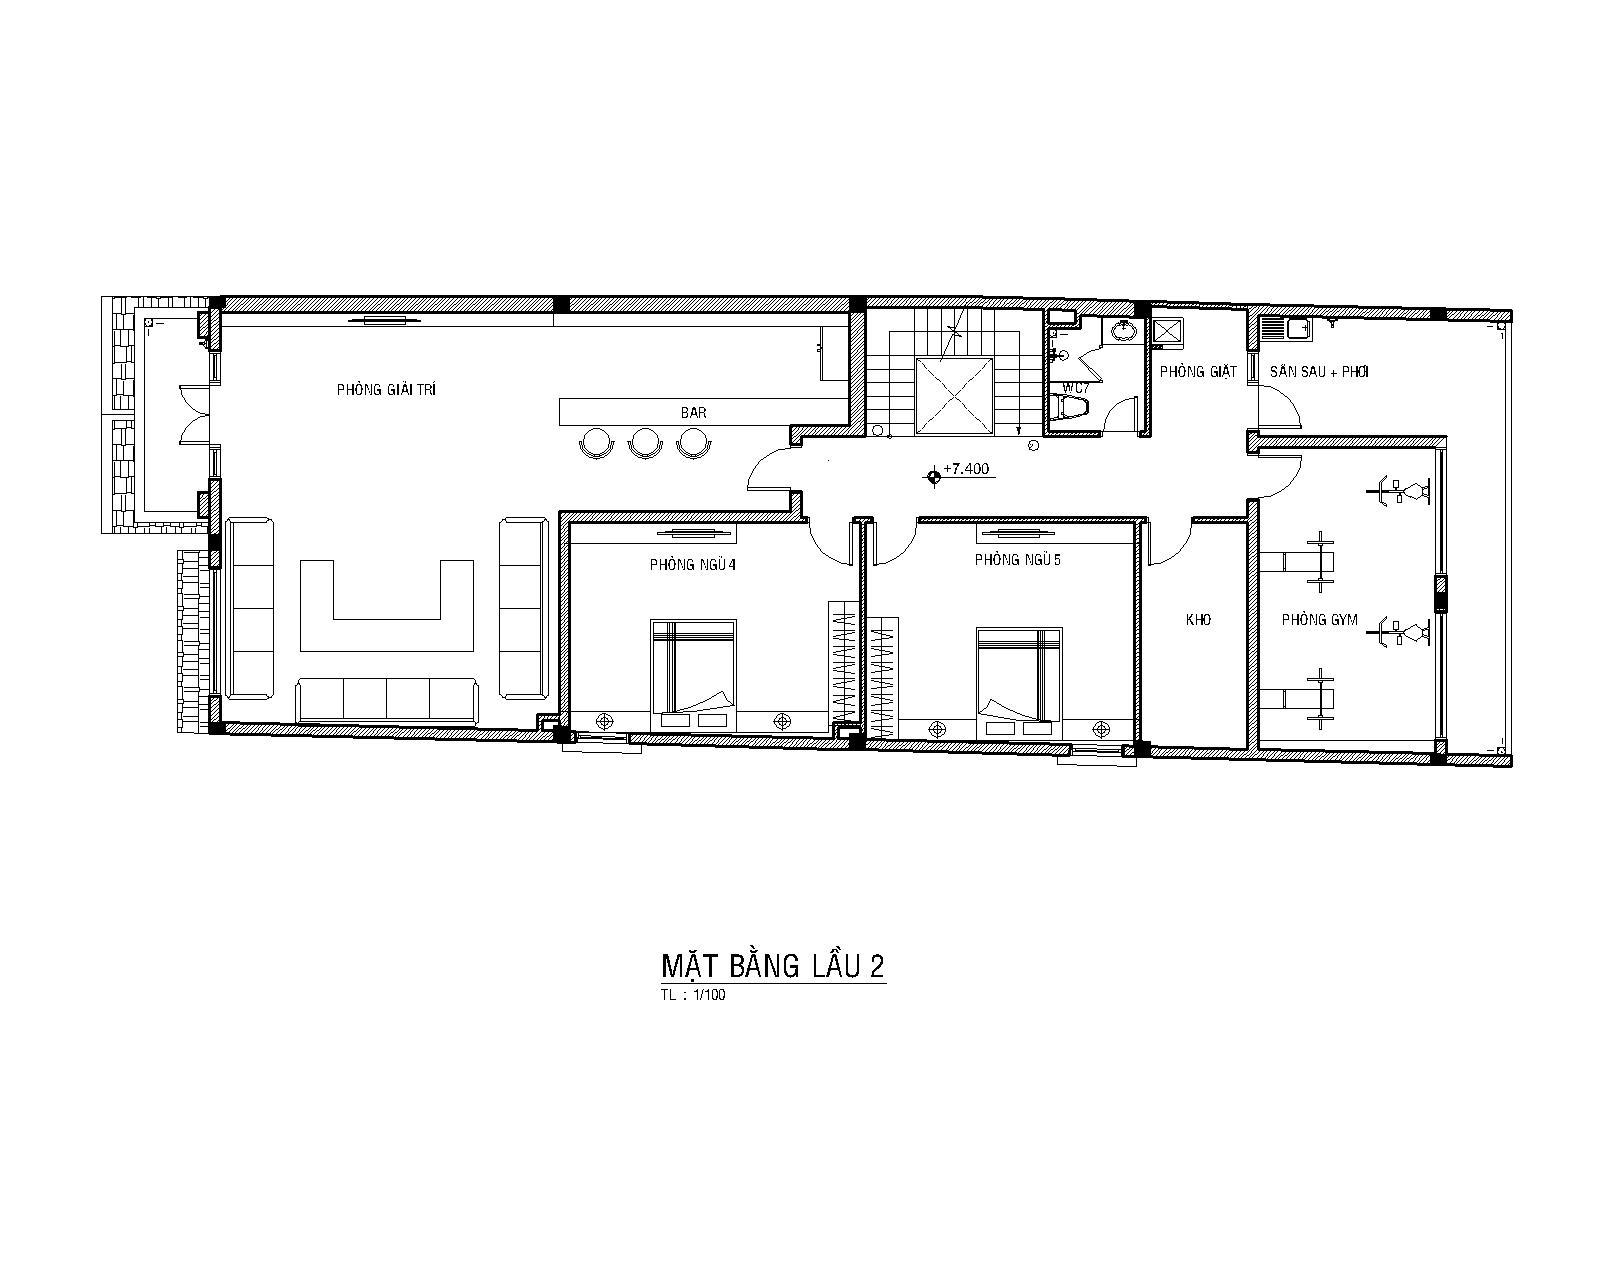 Mặt bằng lầu 2 mẫu nhà phố 3 tầng mái thái